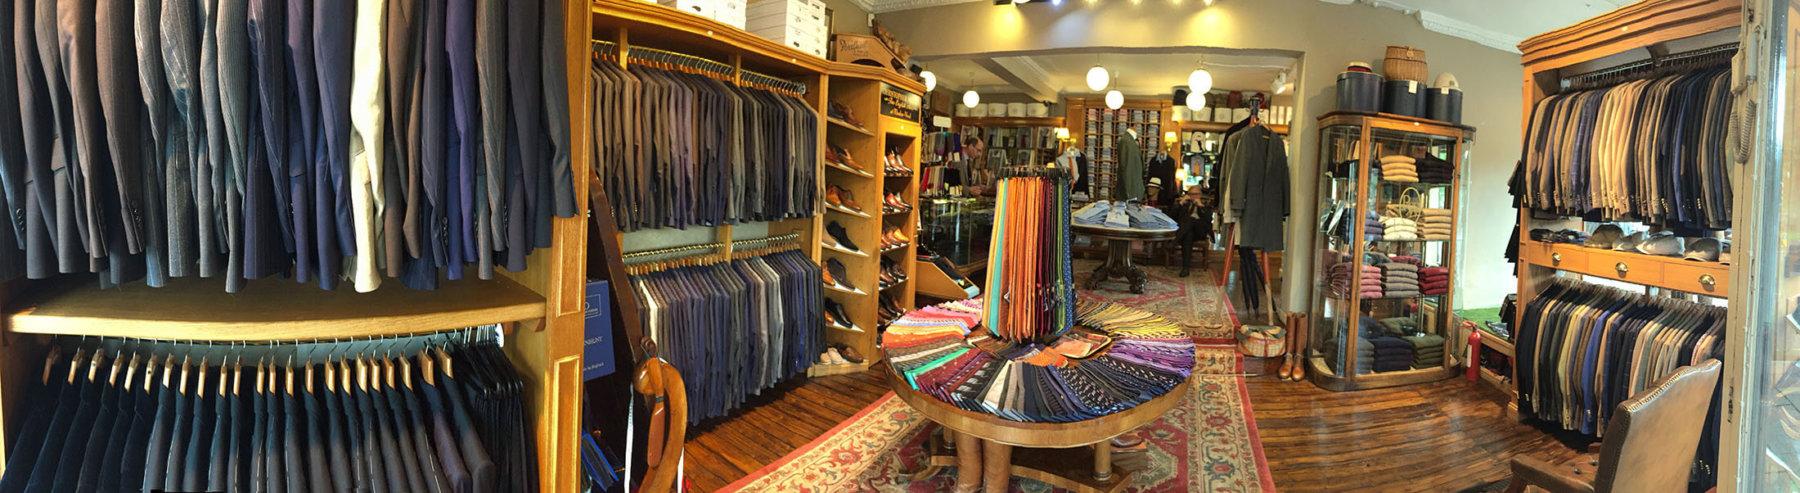 Shop Panarama